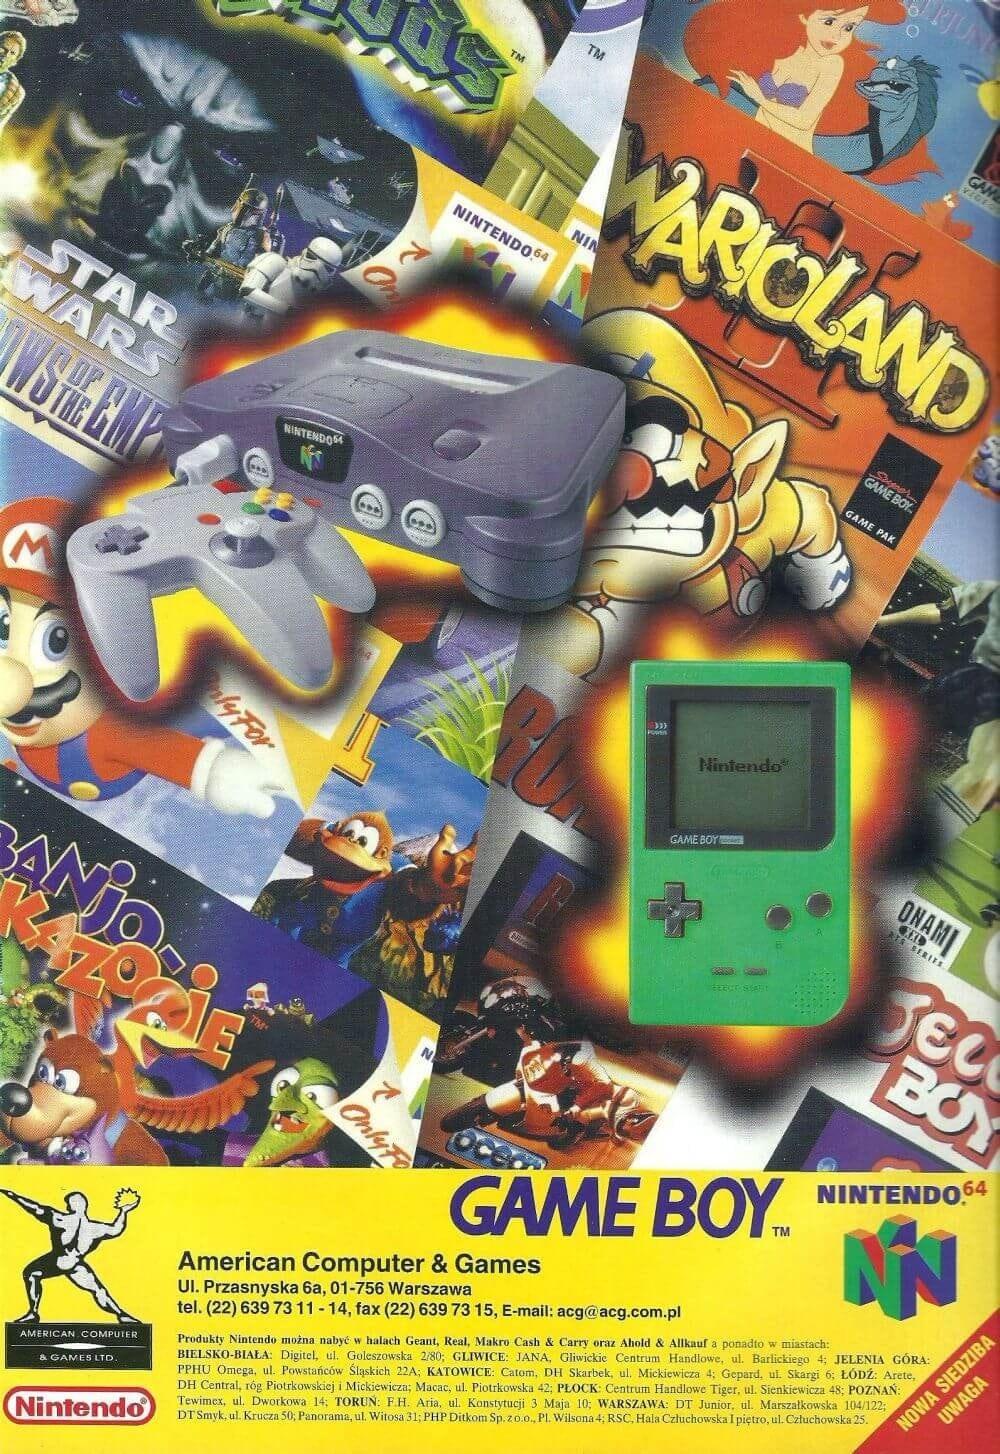 Polska reklama Nintendo 64 i Game Boy z kwietniowego numeru Neo Plus z 1998 roku